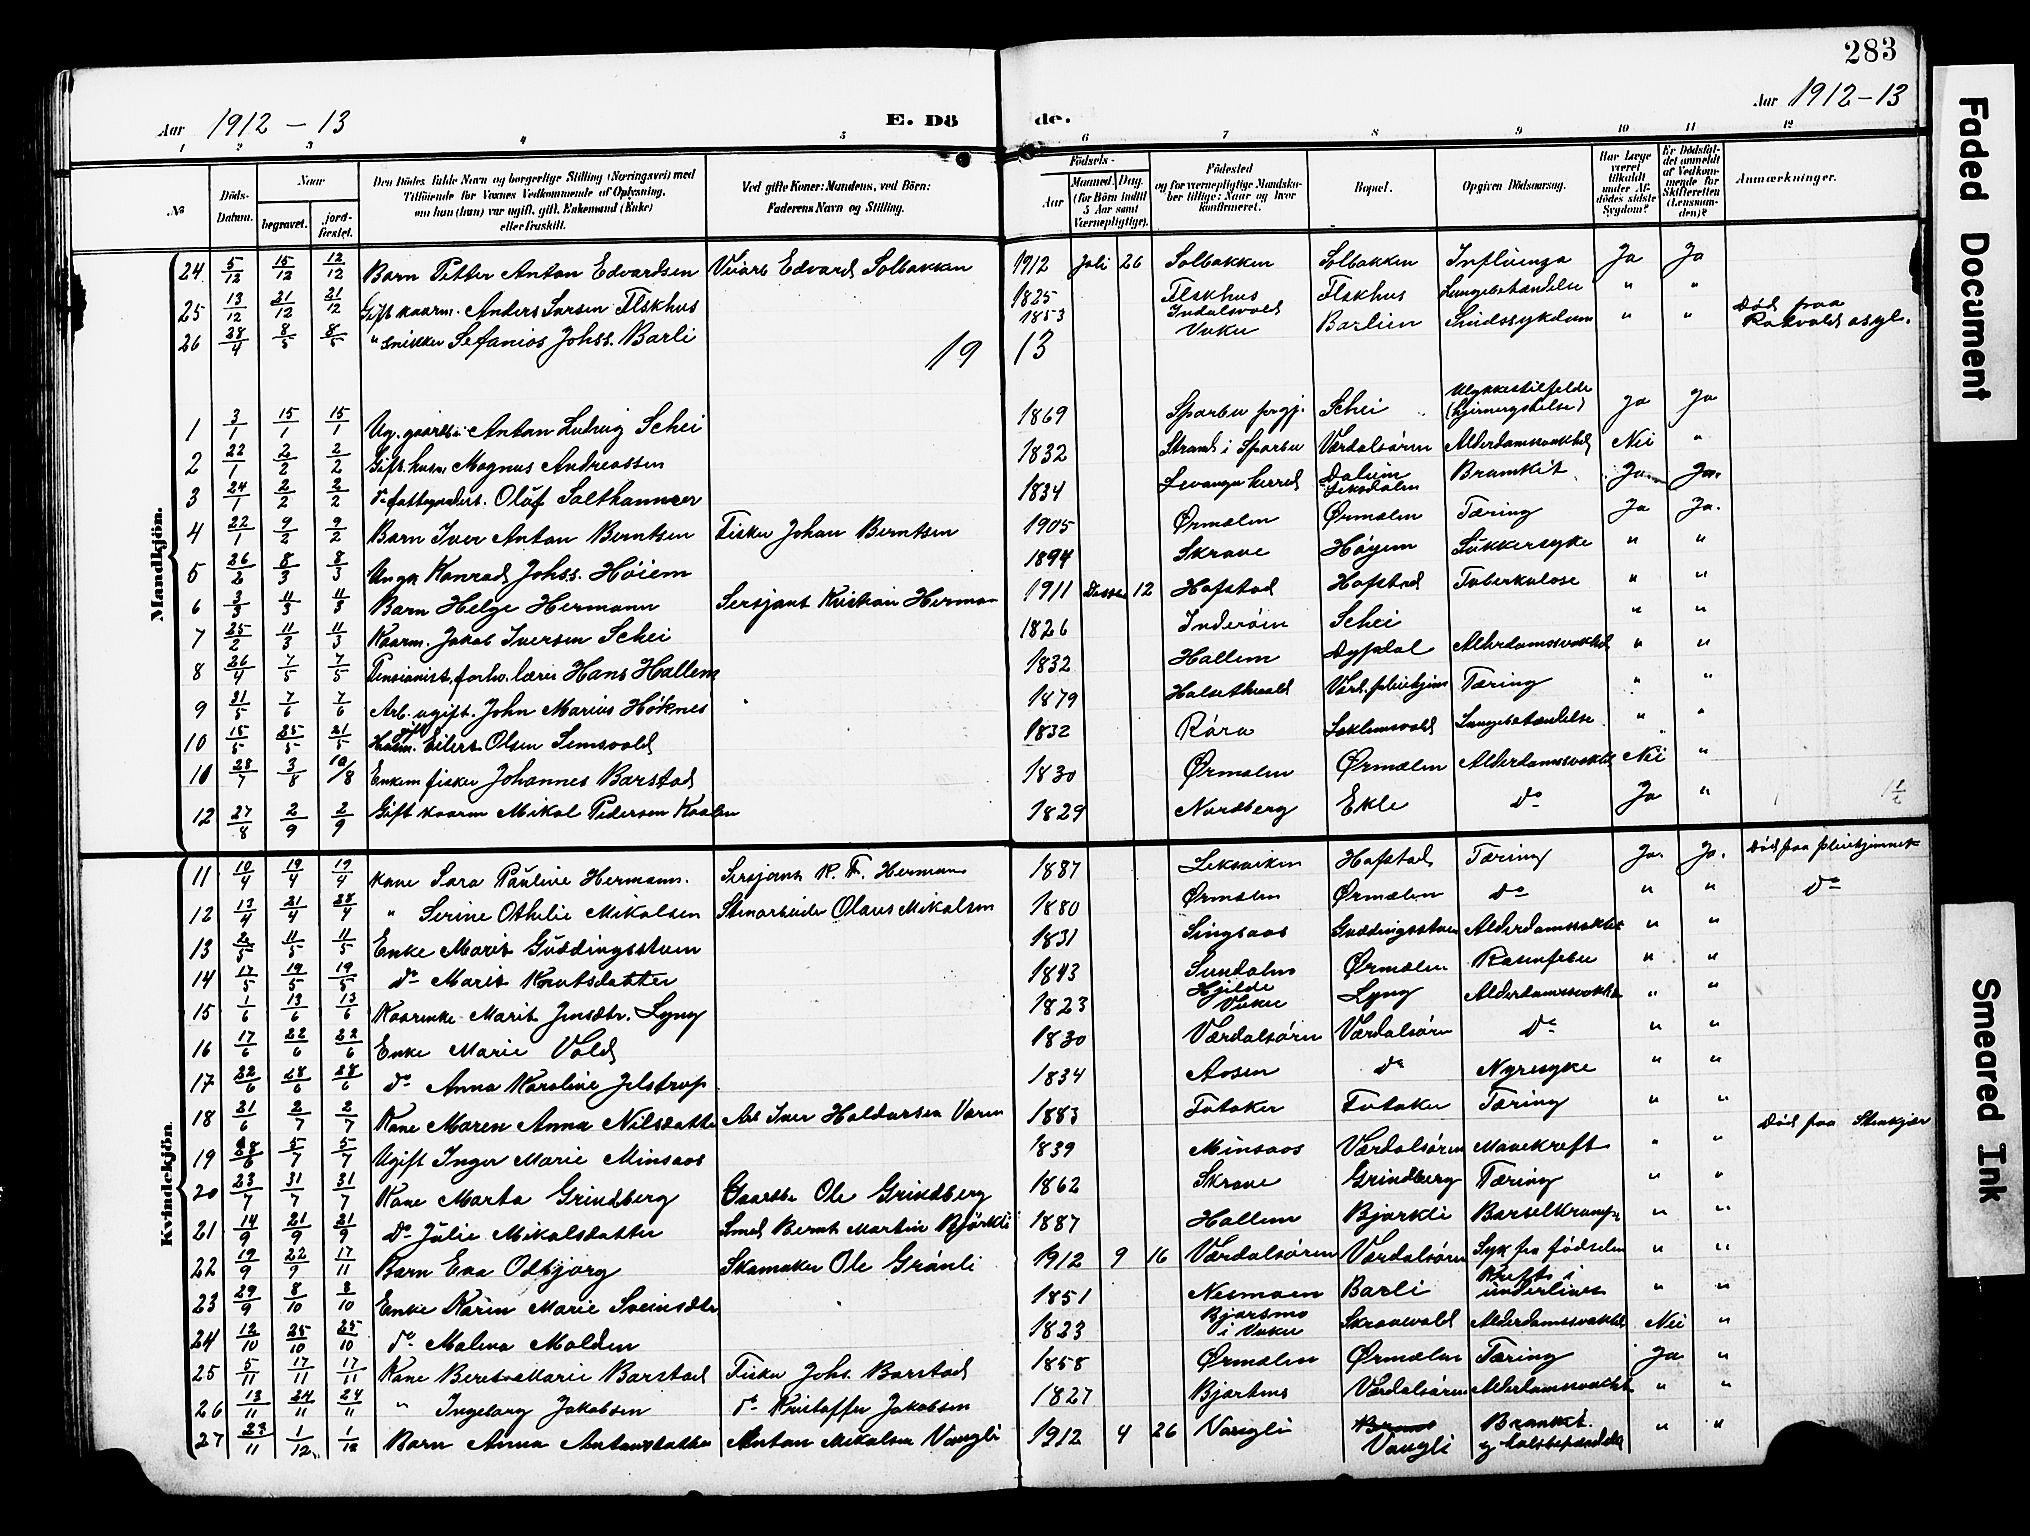 SAT, Ministerialprotokoller, klokkerbøker og fødselsregistre - Nord-Trøndelag, 723/L0258: Klokkerbok nr. 723C06, 1908-1927, s. 283